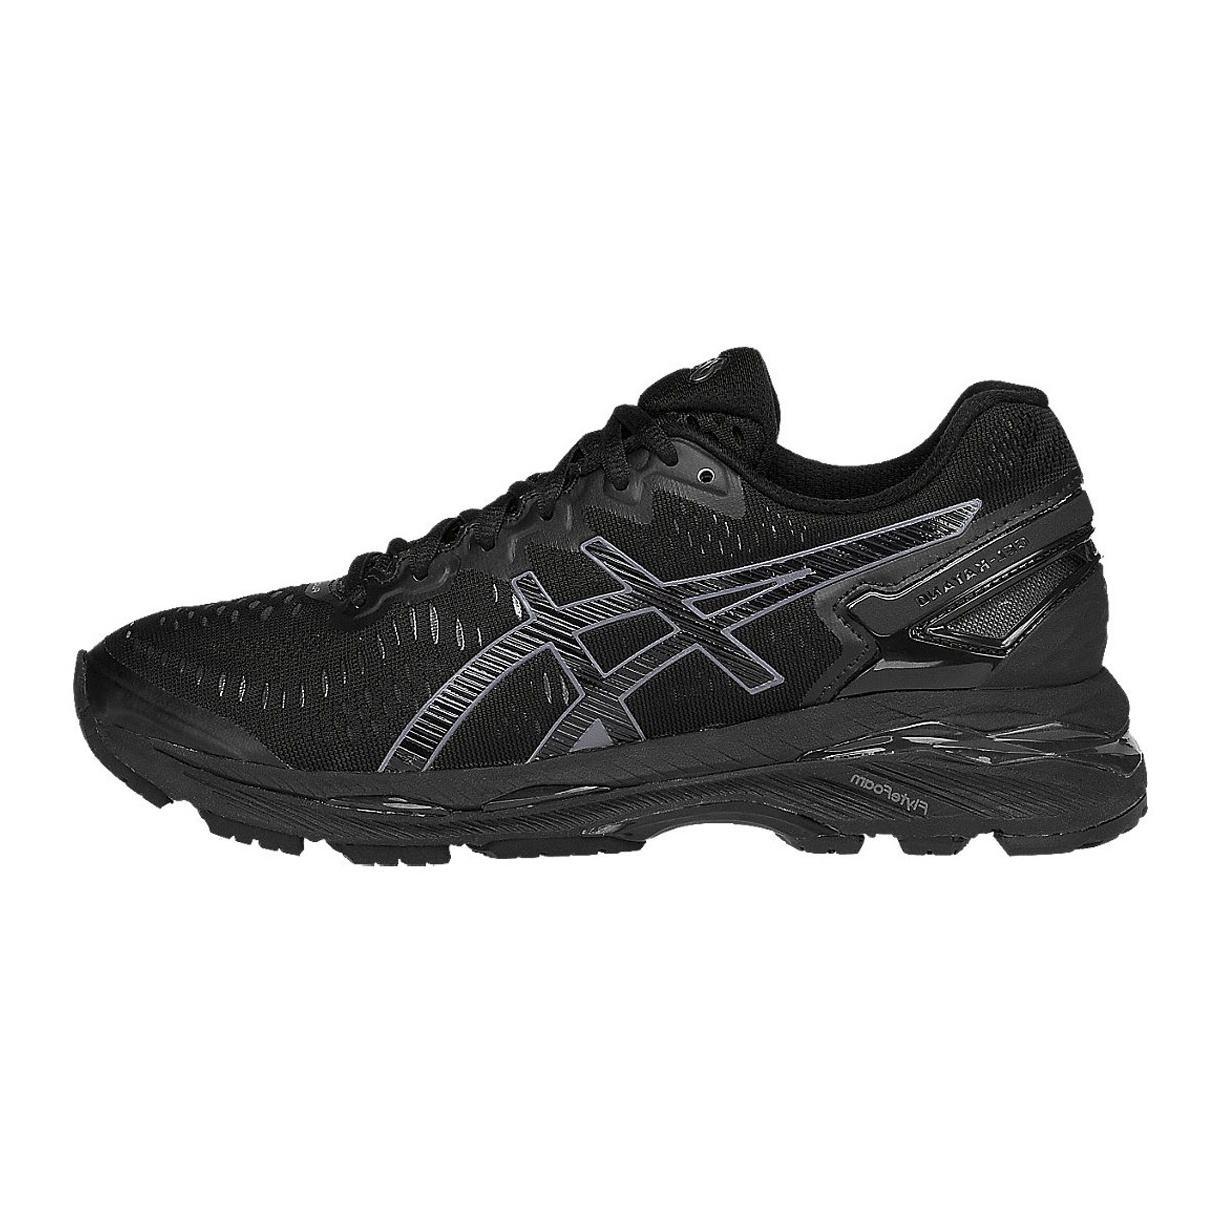 کفش مخصوص دویدن زنانه اسیکس مدل GEL-KAYANO 23 کد T696N-9099 -  - 1